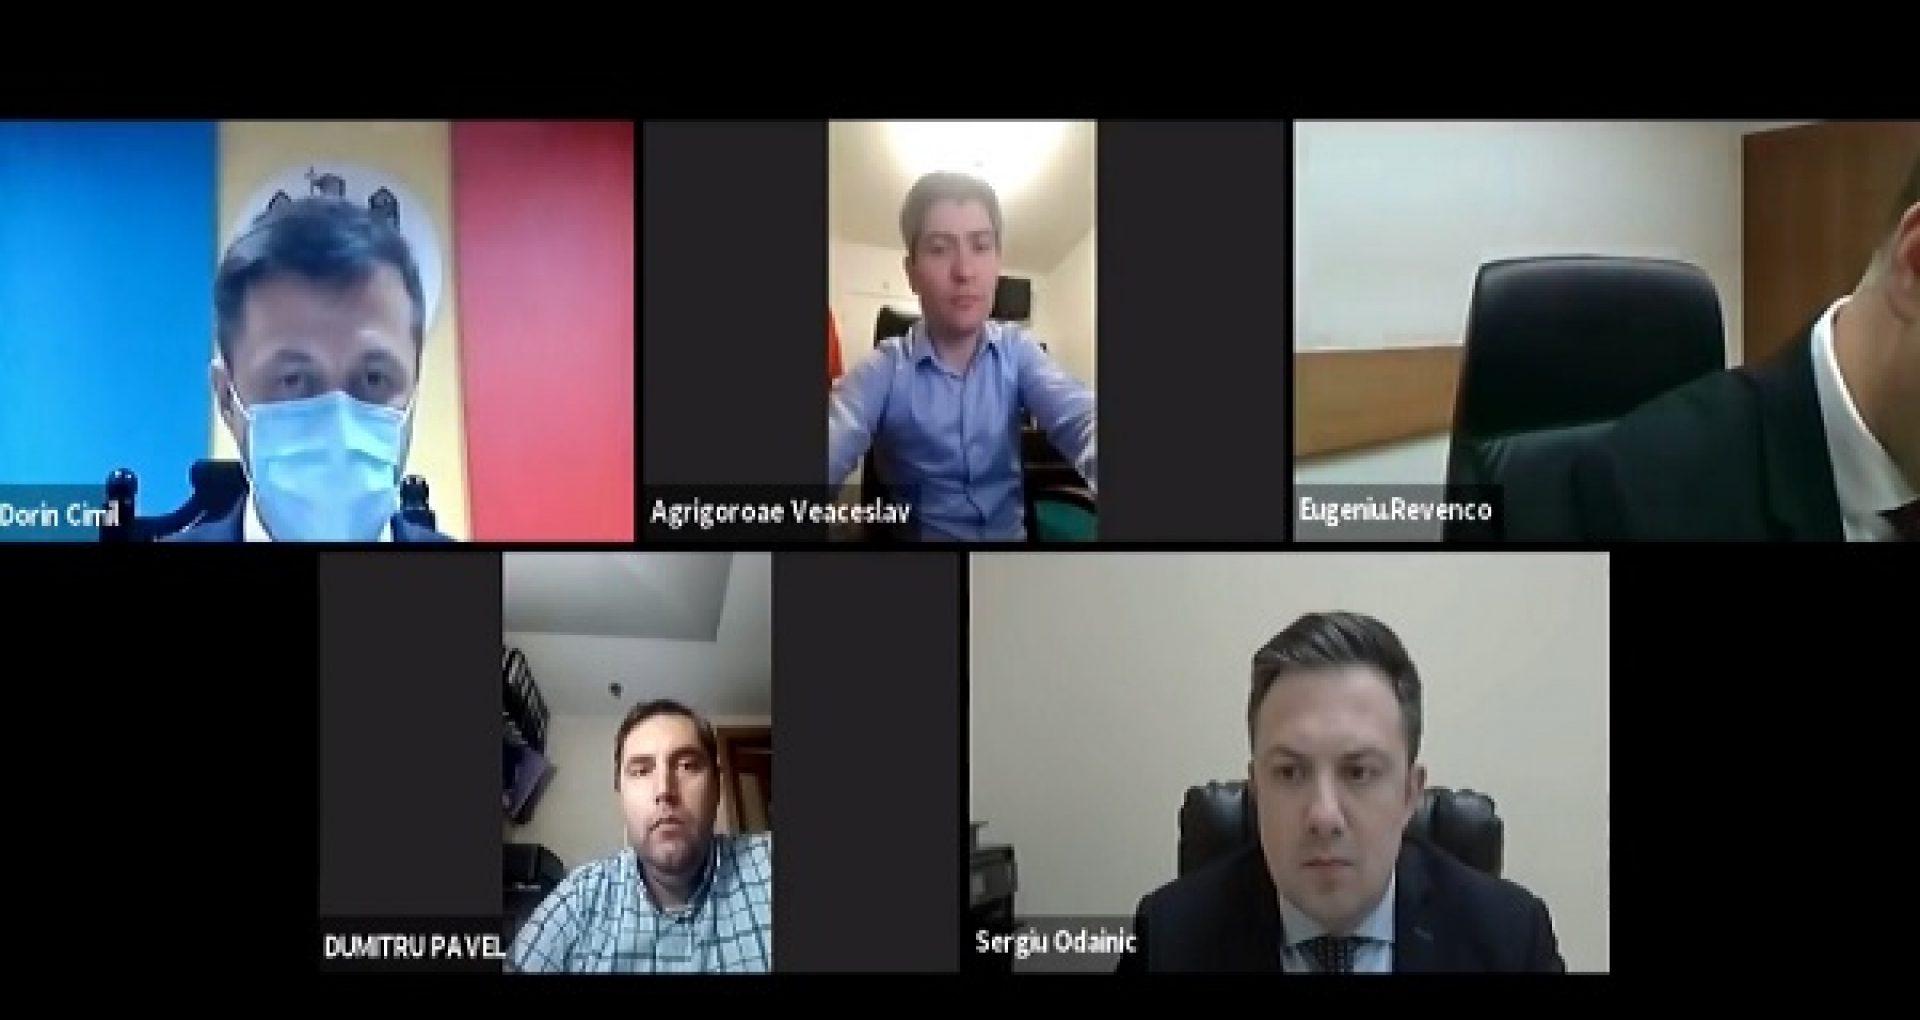 Video/ Ședință la CEC: sesizarea lui Renato Usatîi privind excluderea lui Igor Dodon din cursa prezidențială nu a fost inclusă pe agendă, iar sesizarea PAS a fost exclusă de pe ordinea de zi